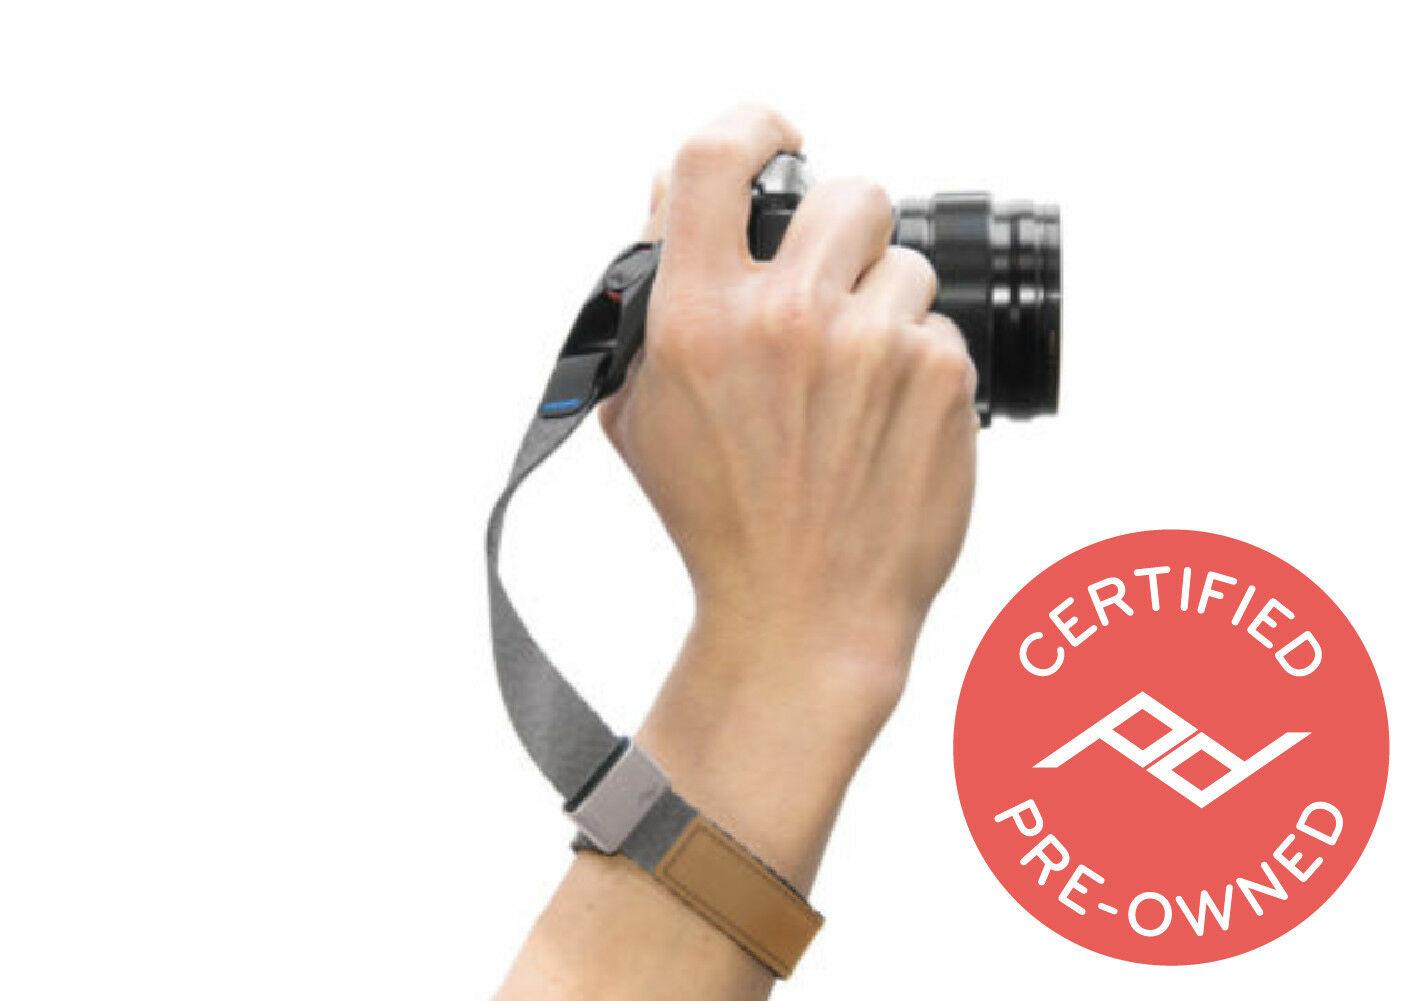 Peak Design Camera Cuff/Wrist Strap V3 (Ash) - PD Certified Preowned/Refurbished $20.95